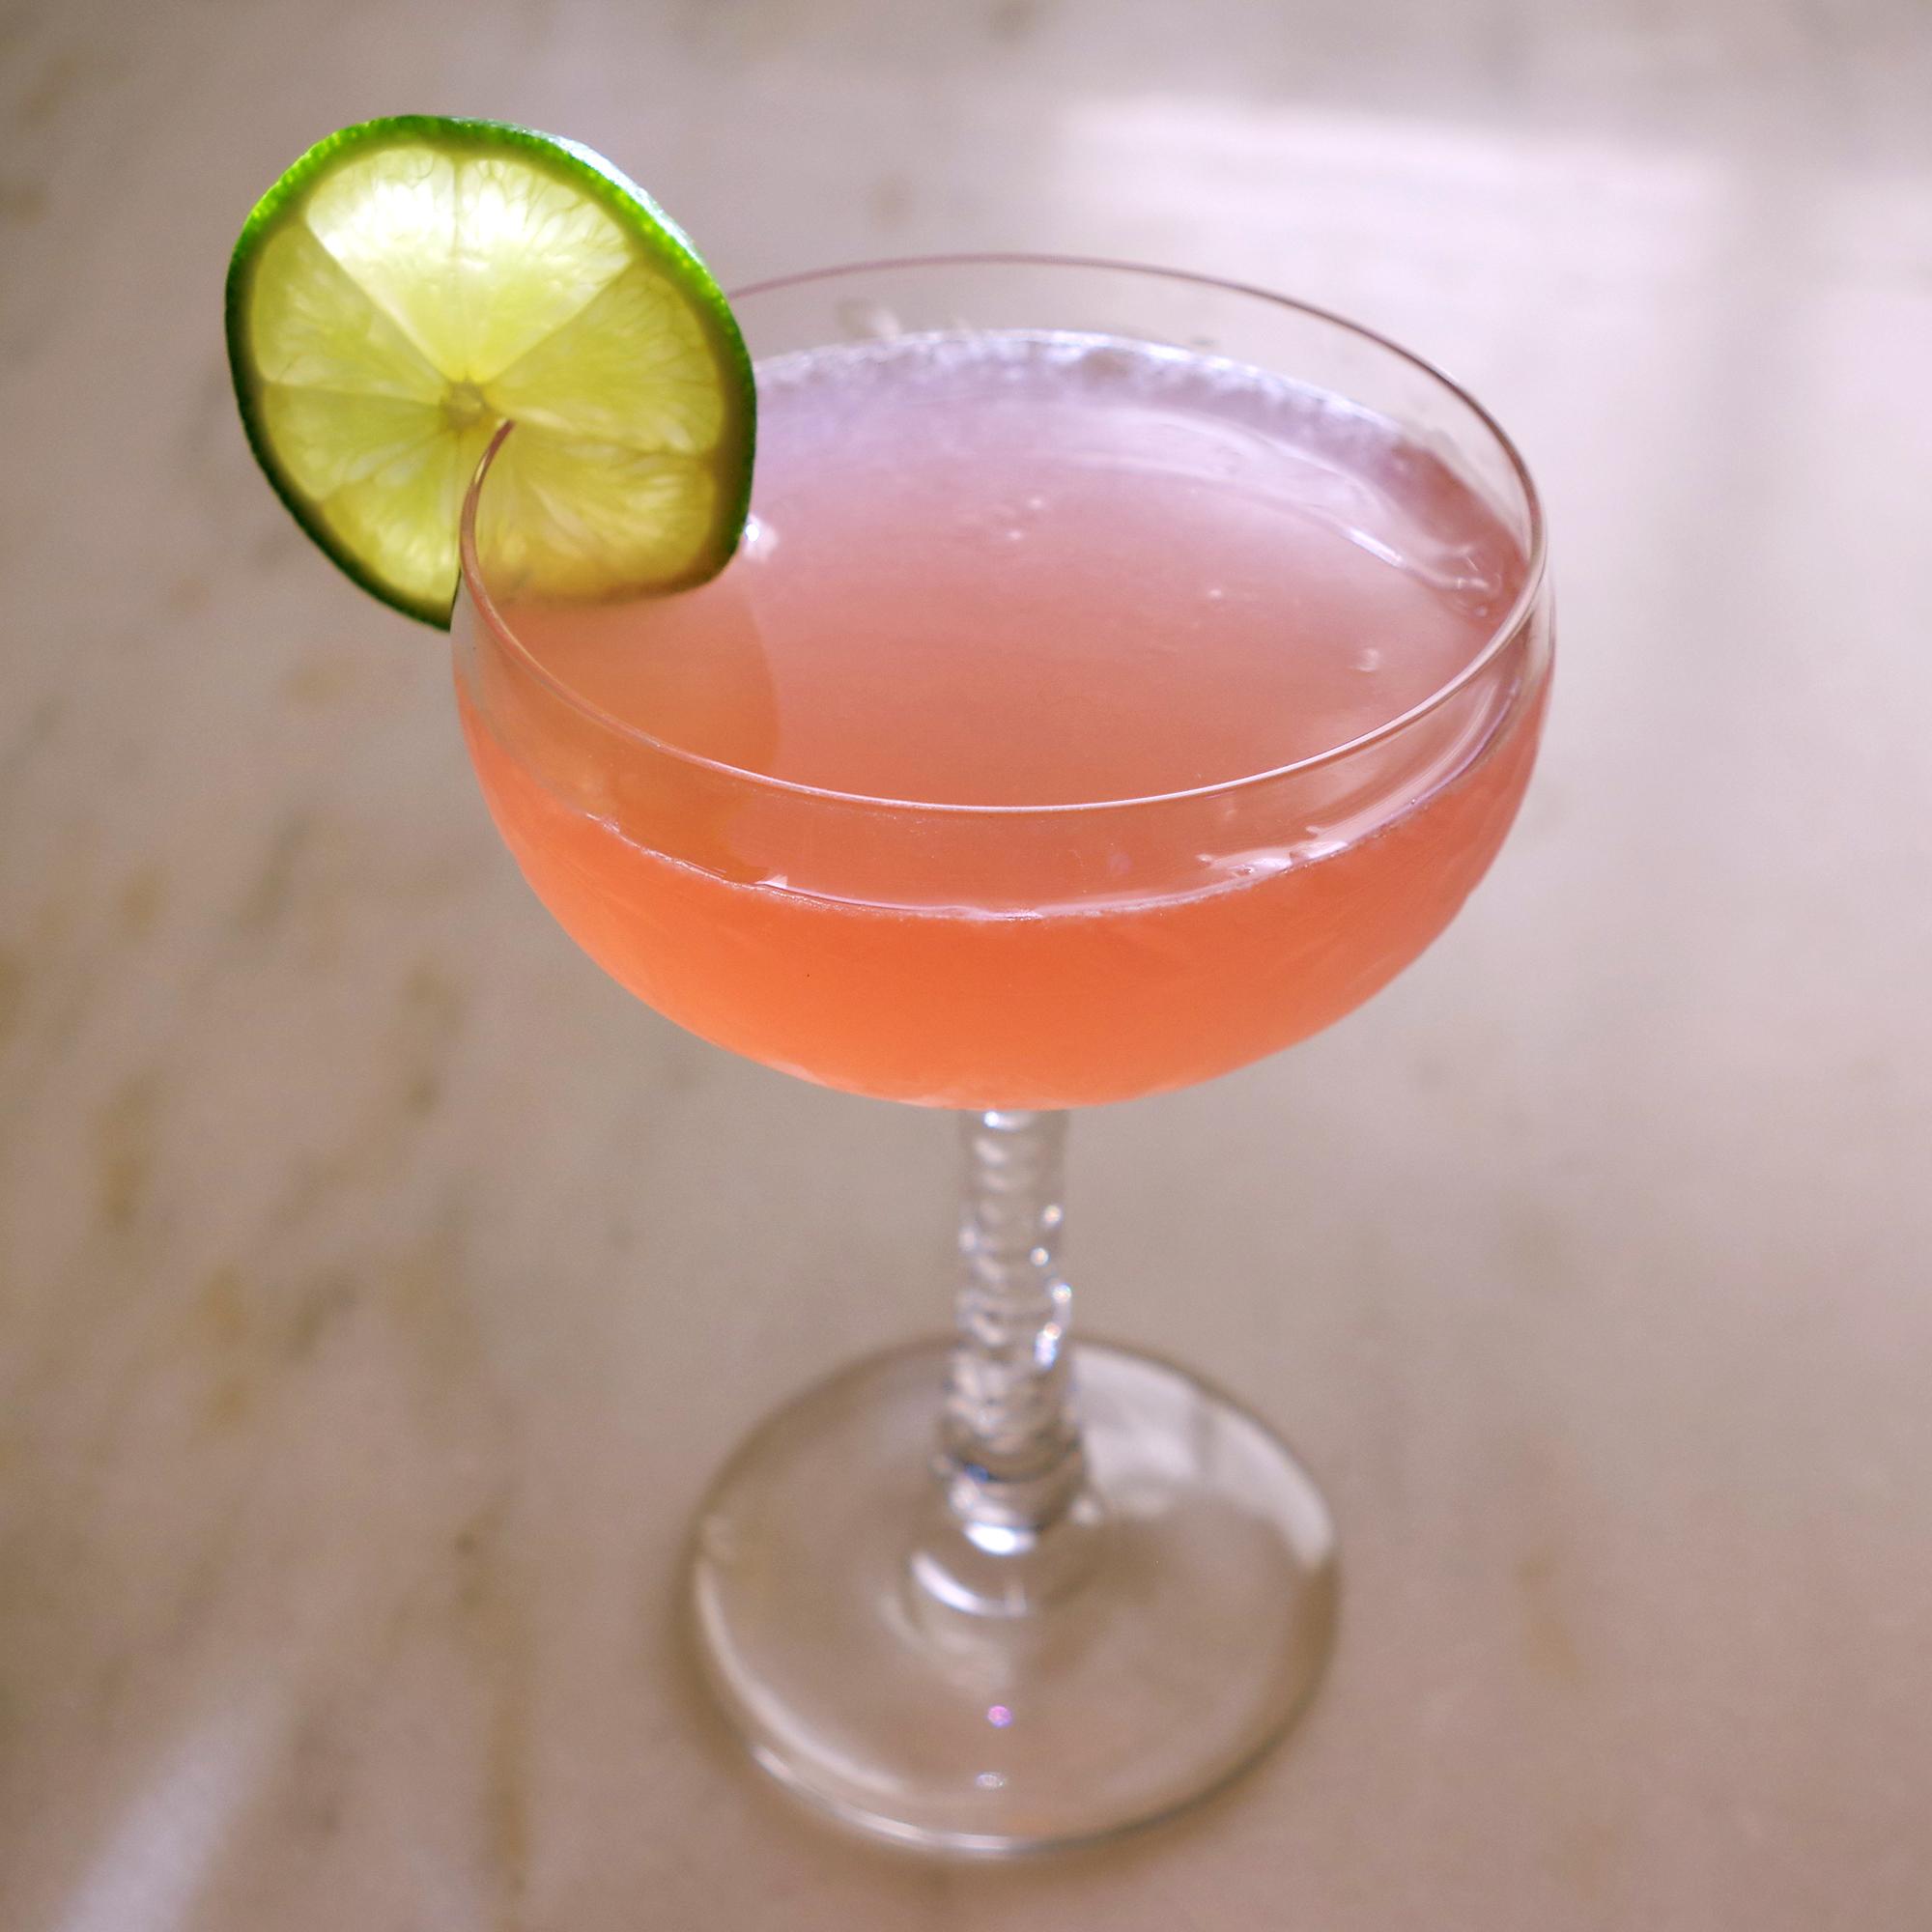 BurchSteiner_cocktail1a.jpg